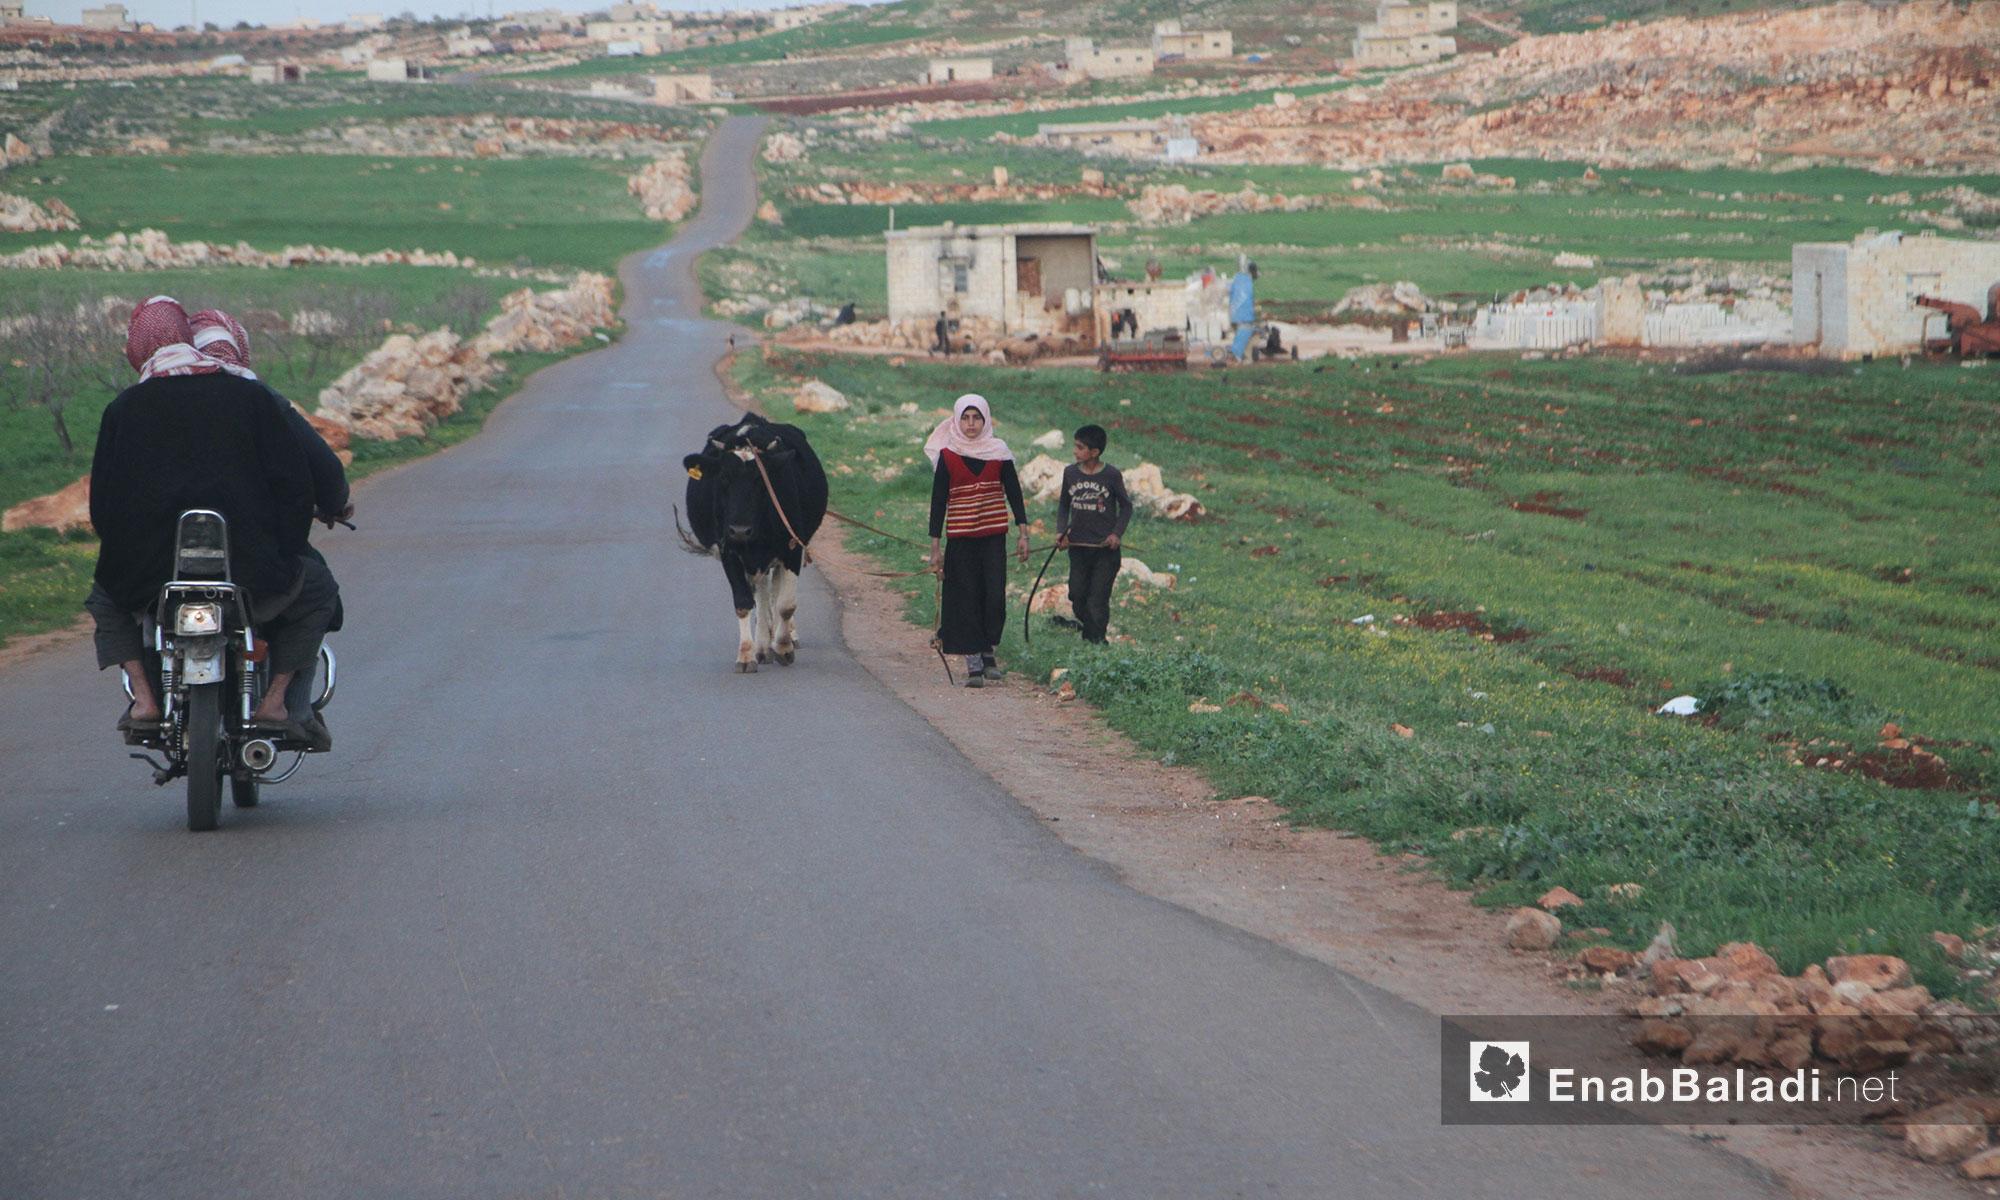 جبل شحشبو في ريف حماة مع دخول فصل الربيع - 28 آذار 2017 (عنب بلدي)